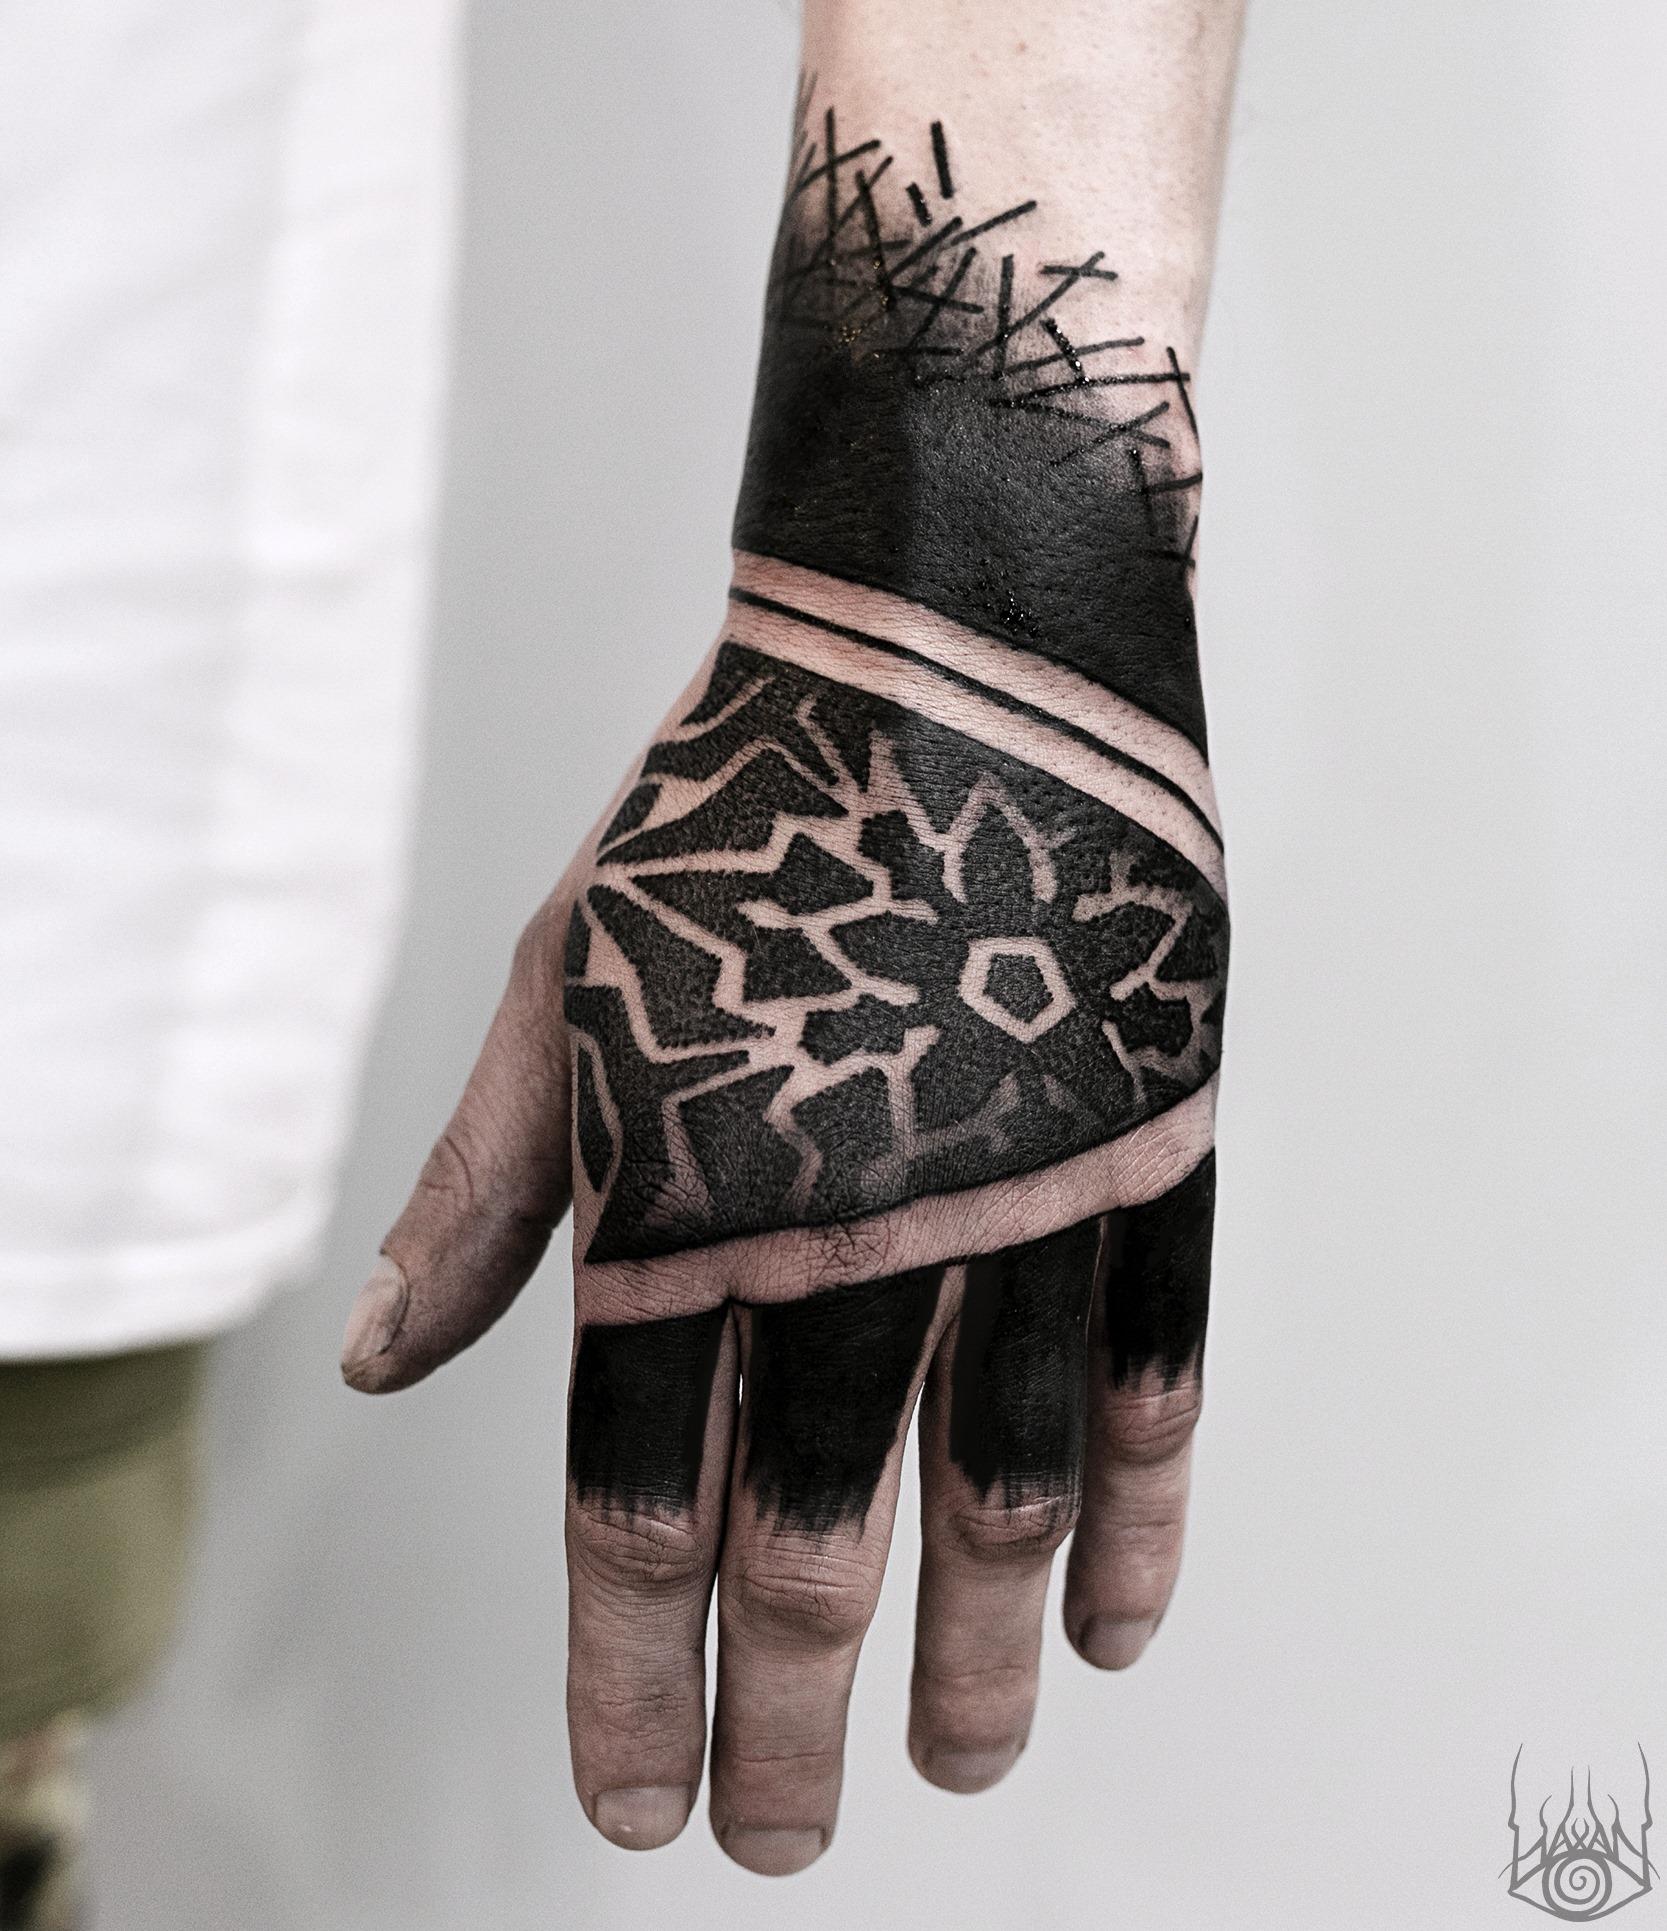 Inksearch tattoo Haxan